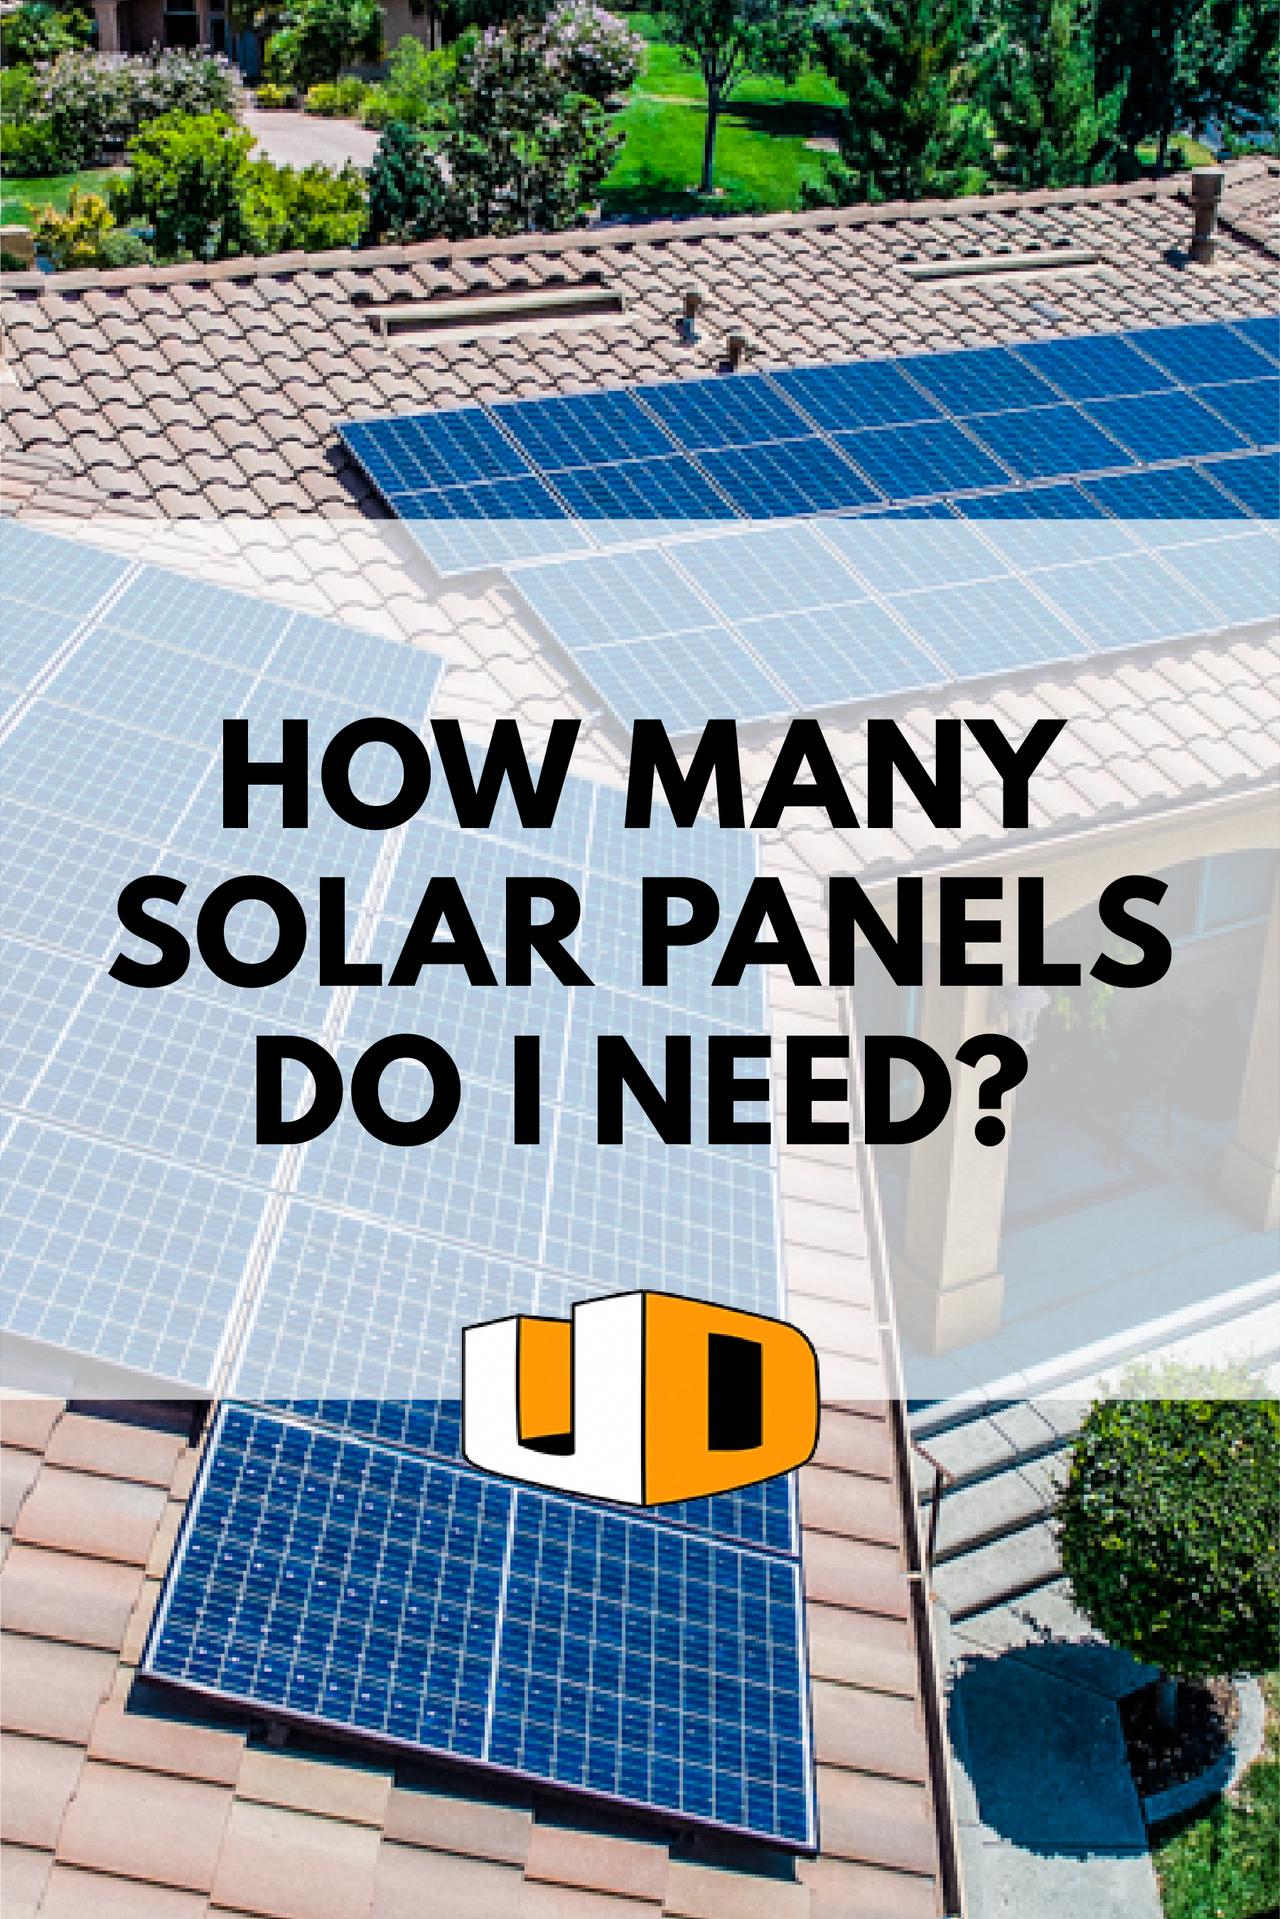 How Many Solar Panels Do I Need Urban Design Solar In 2020 Solar Panels Solar Energy Panels Solar